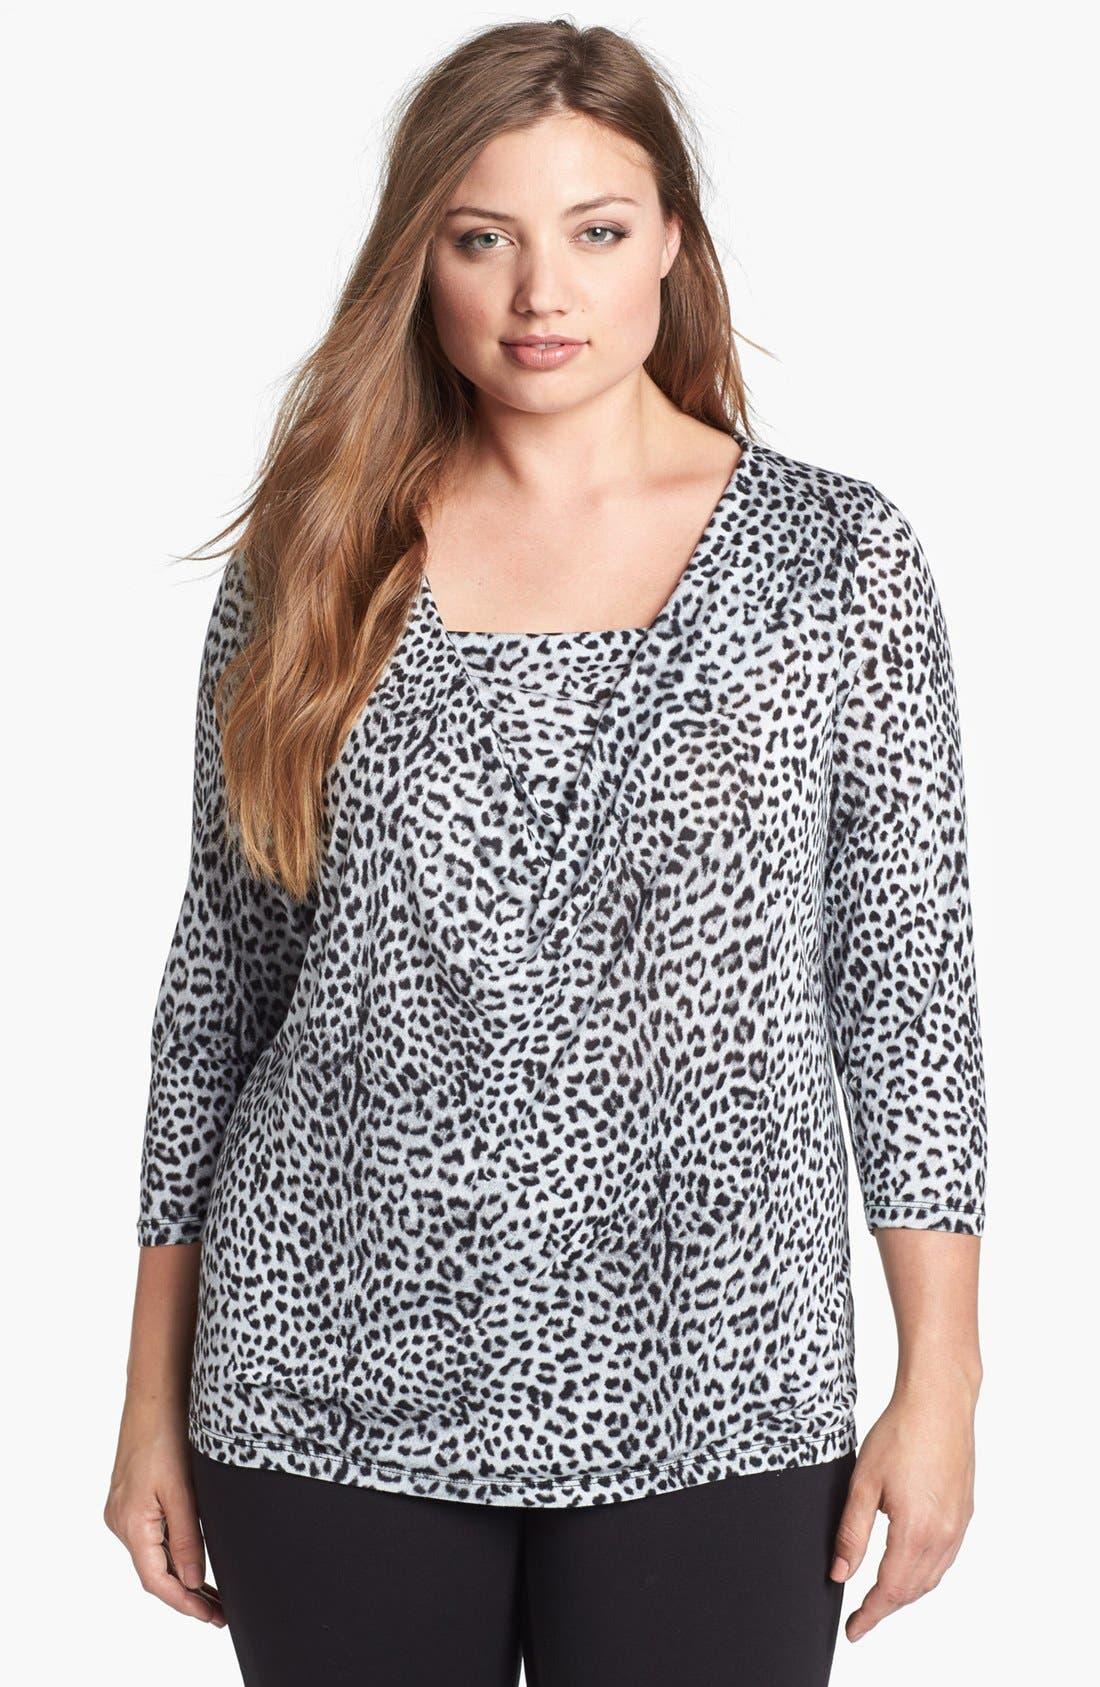 Main Image - MICHAEL Michael Kors Leopard Print Drape Neck Top (Plus Size)